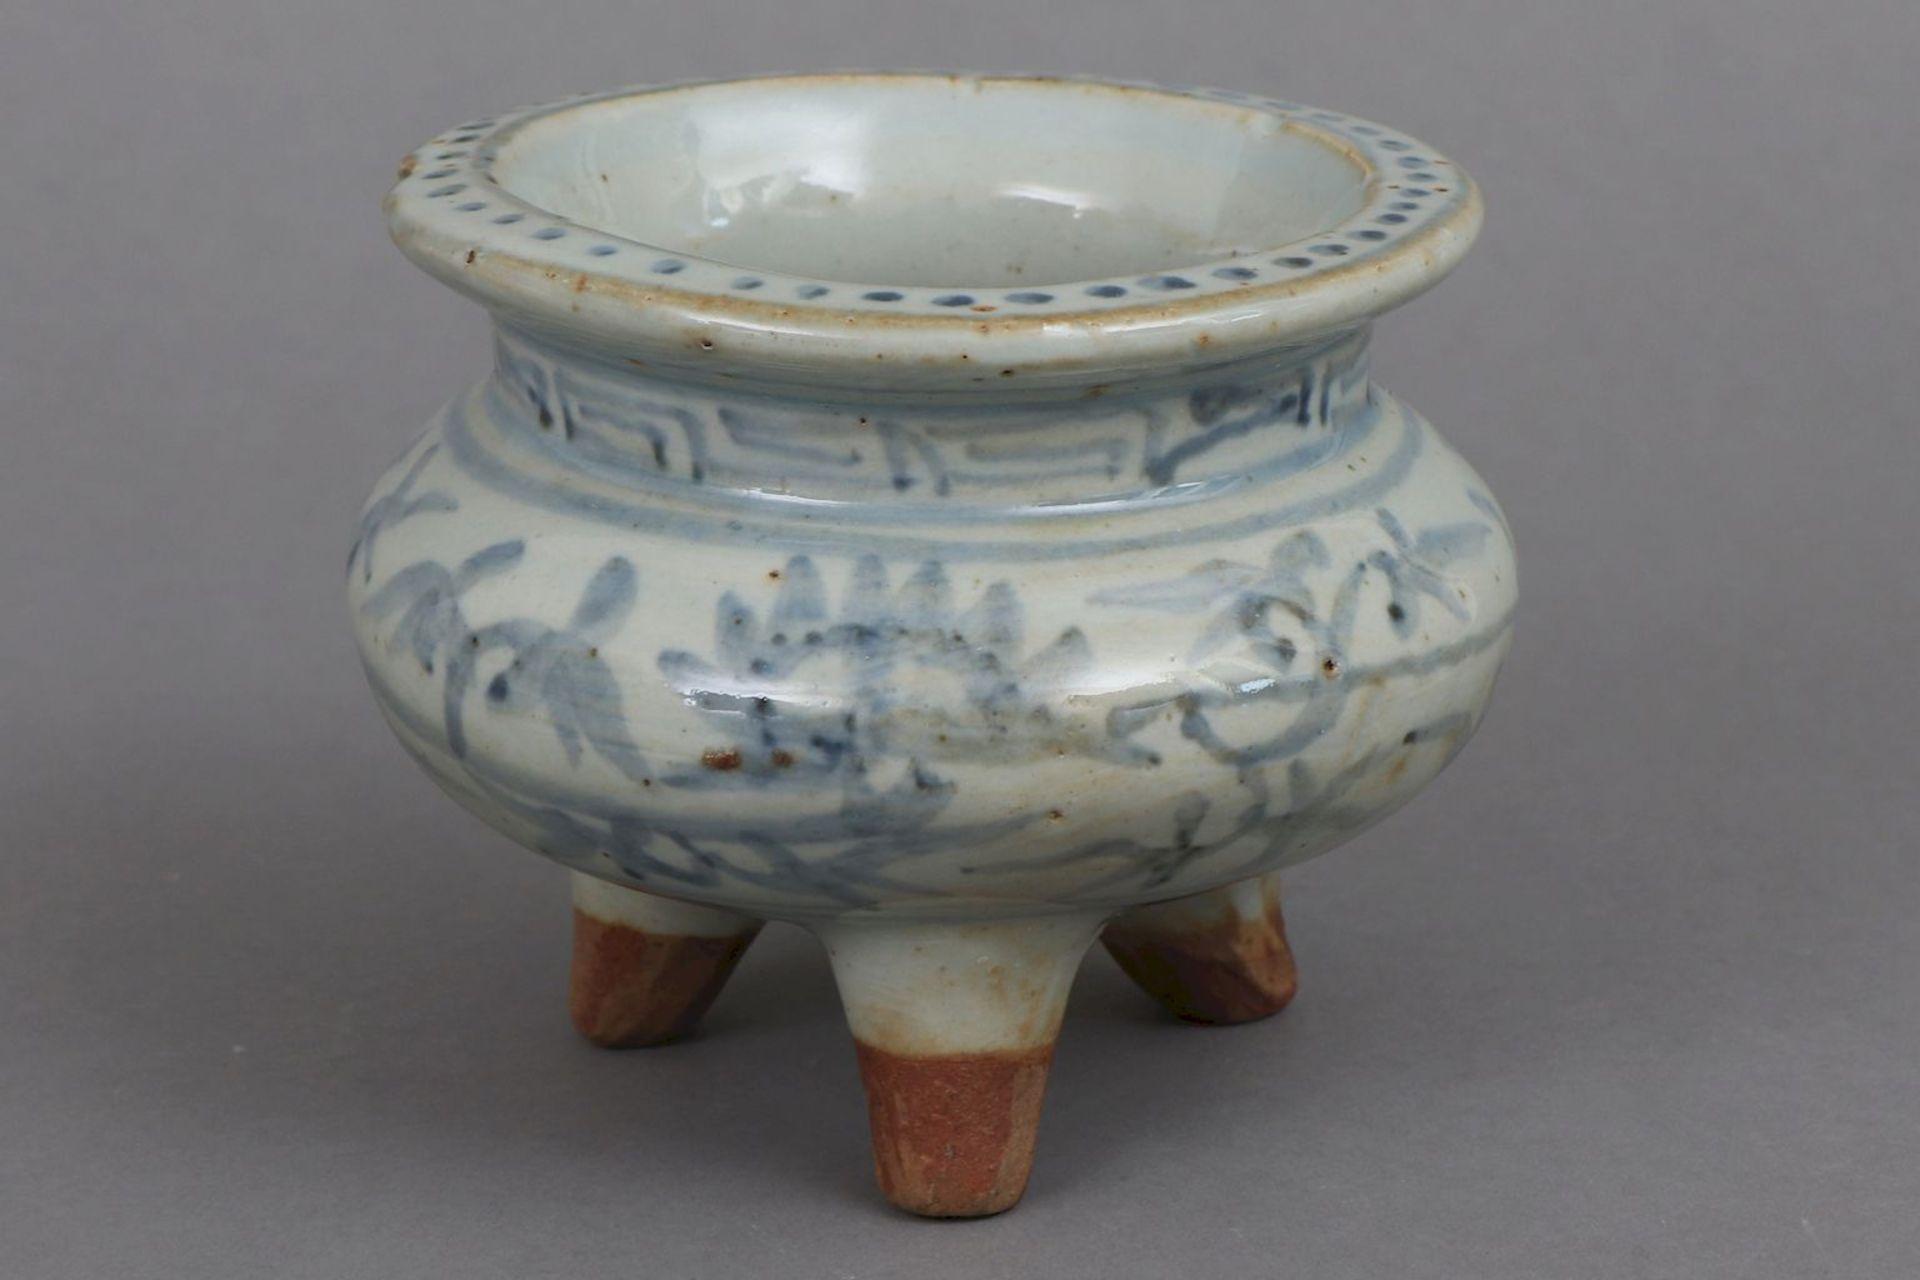 Chinesisches 3-Fuß-Gefäß/¨Ding¨ mit Blaumalerei - Image 2 of 3